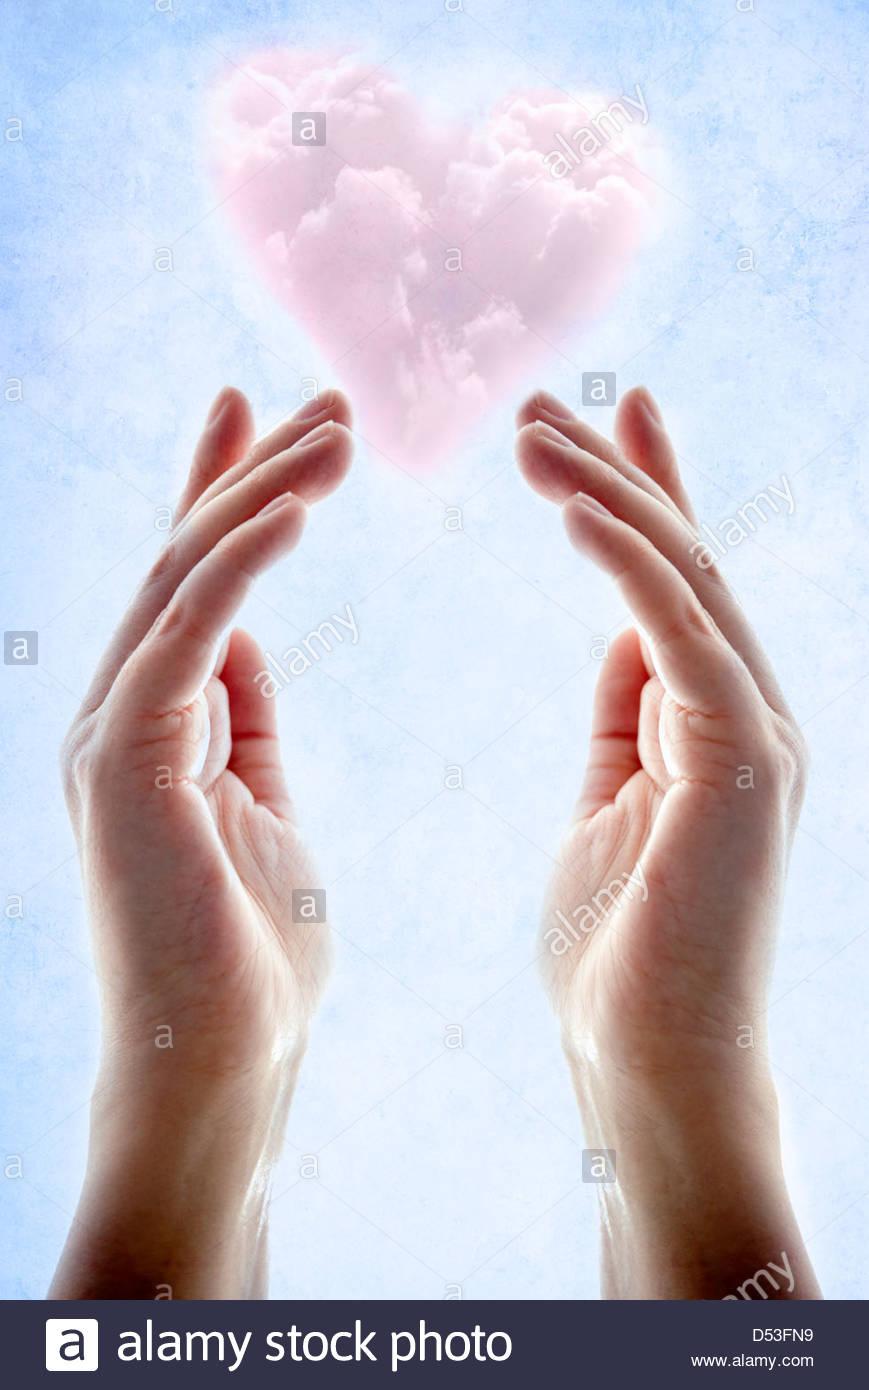 Mani con rosa a forma di cuore il cloud galleggiante sopra di loro Immagini Stock